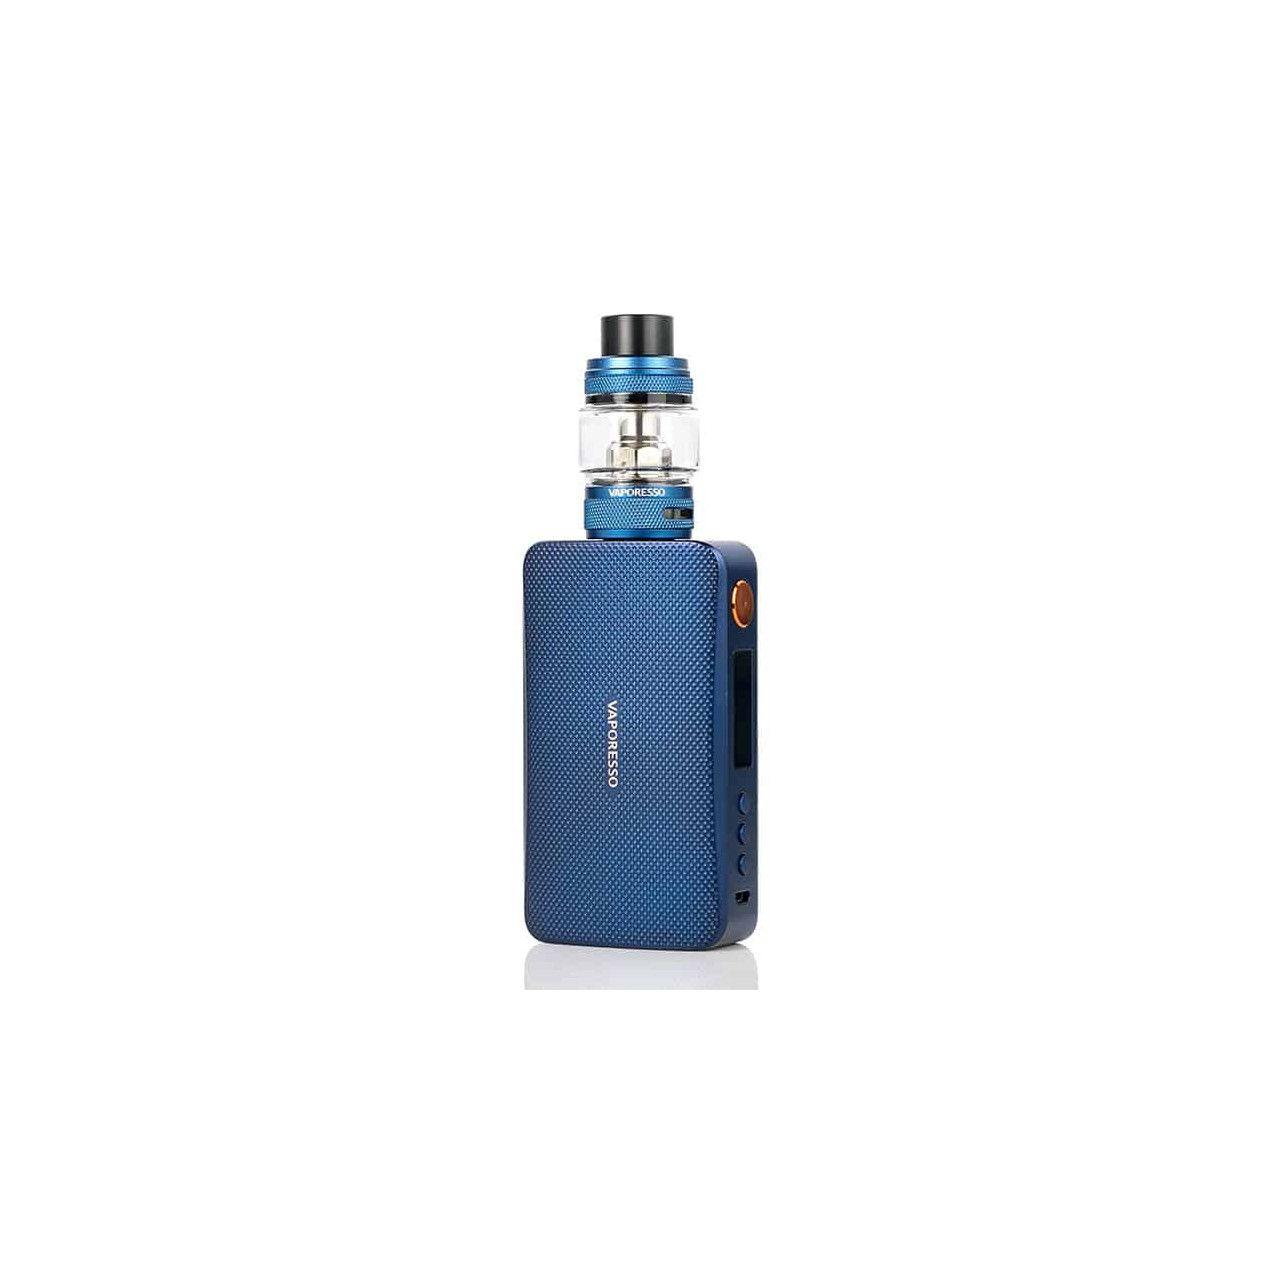 Kit - Vaporesso - Gen S Blue